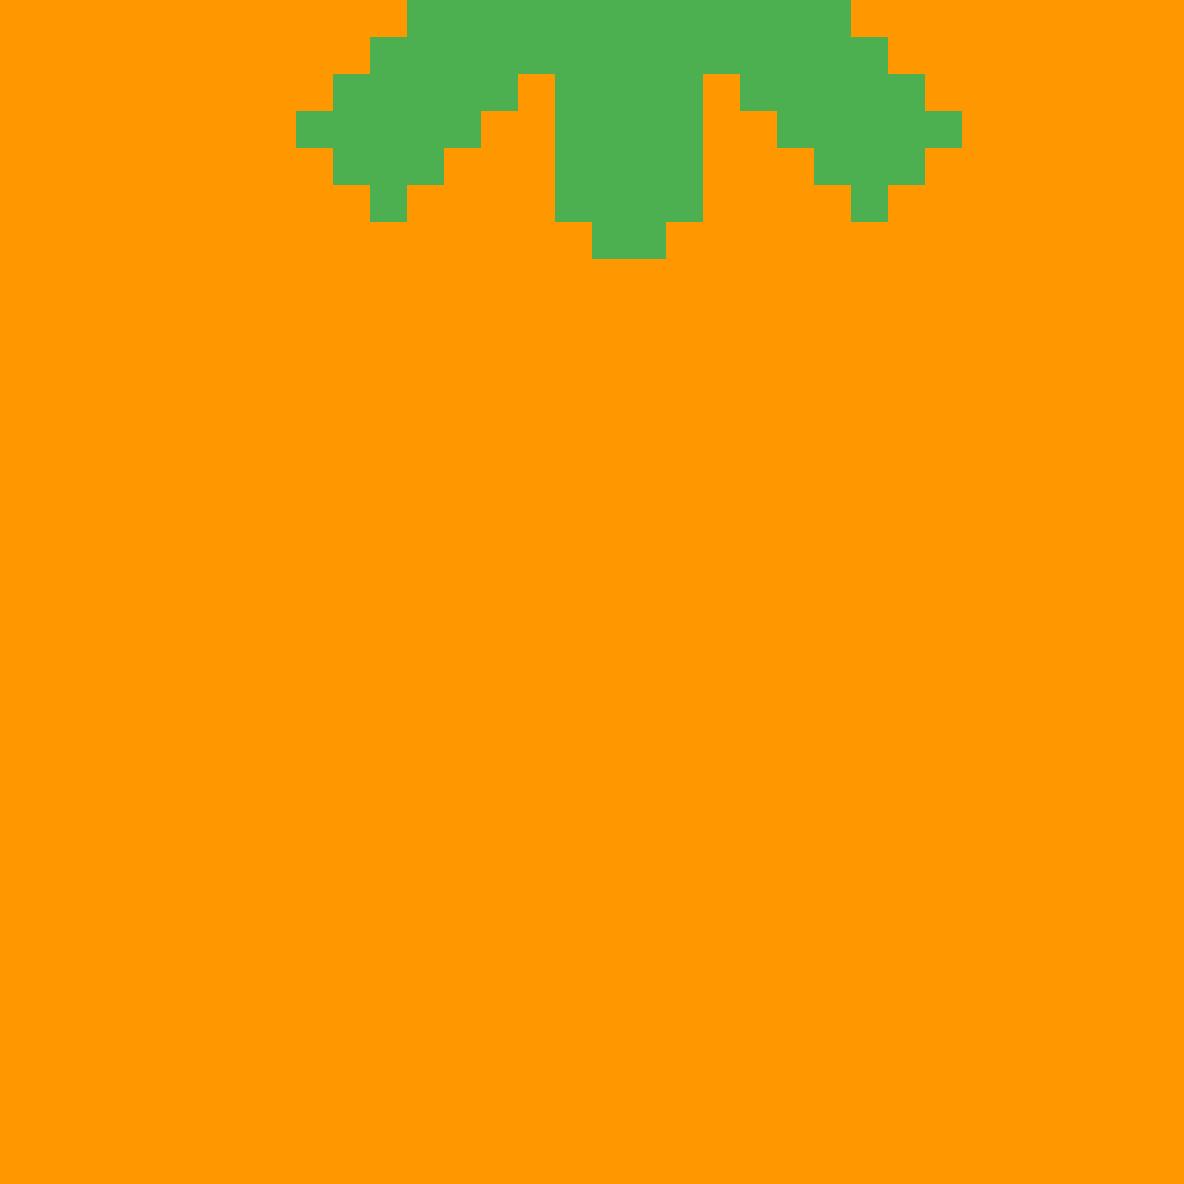 Orange by sloth-sophie